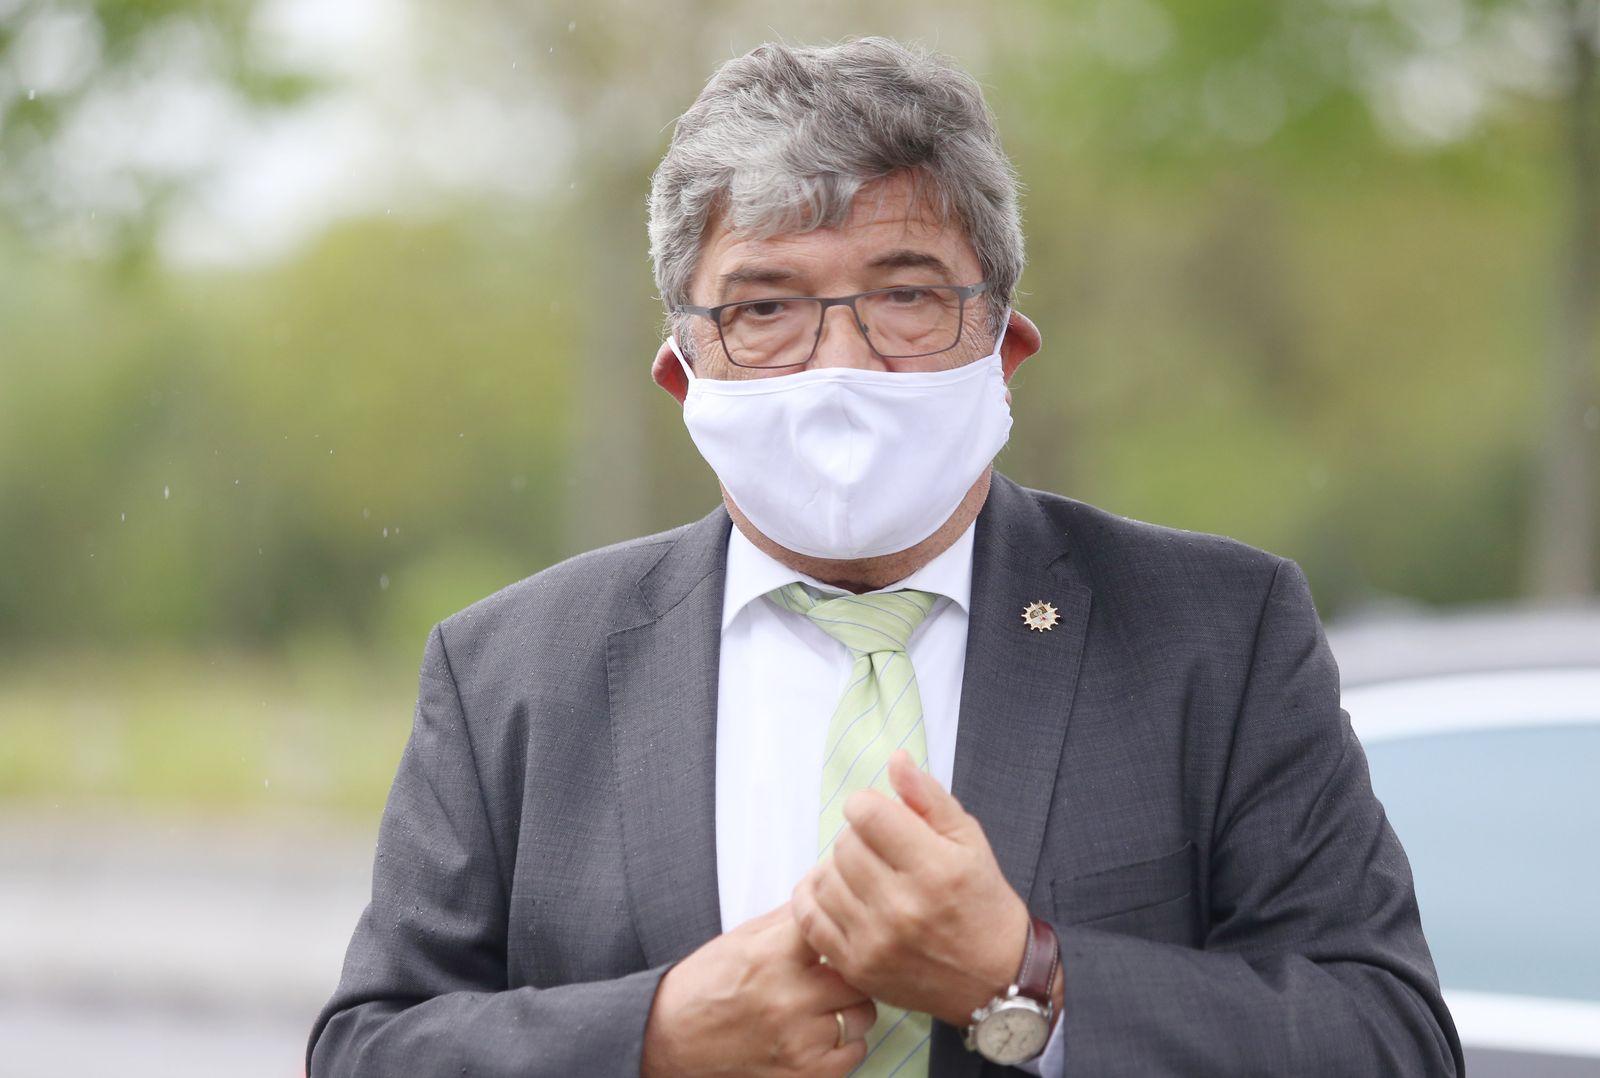 Coronavirus - Kabinettssitzung in Schwerin